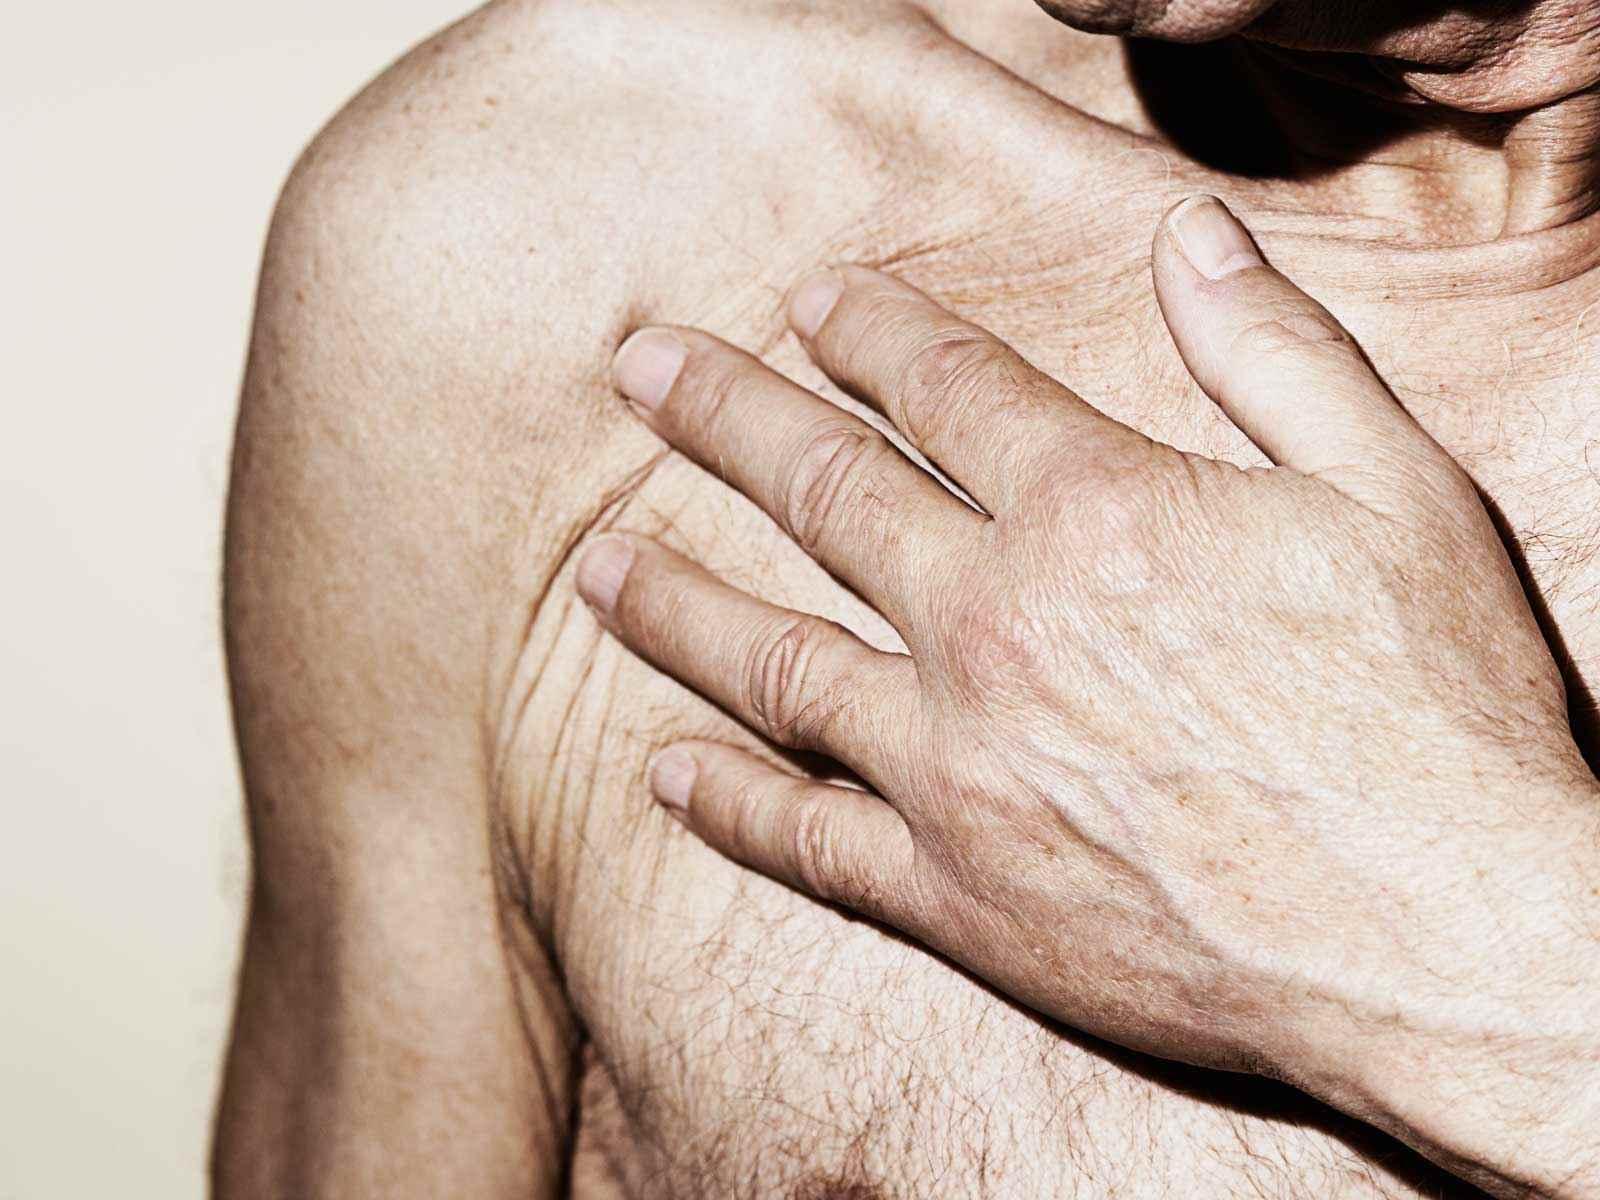 ömmande knöl i bröstet hos män